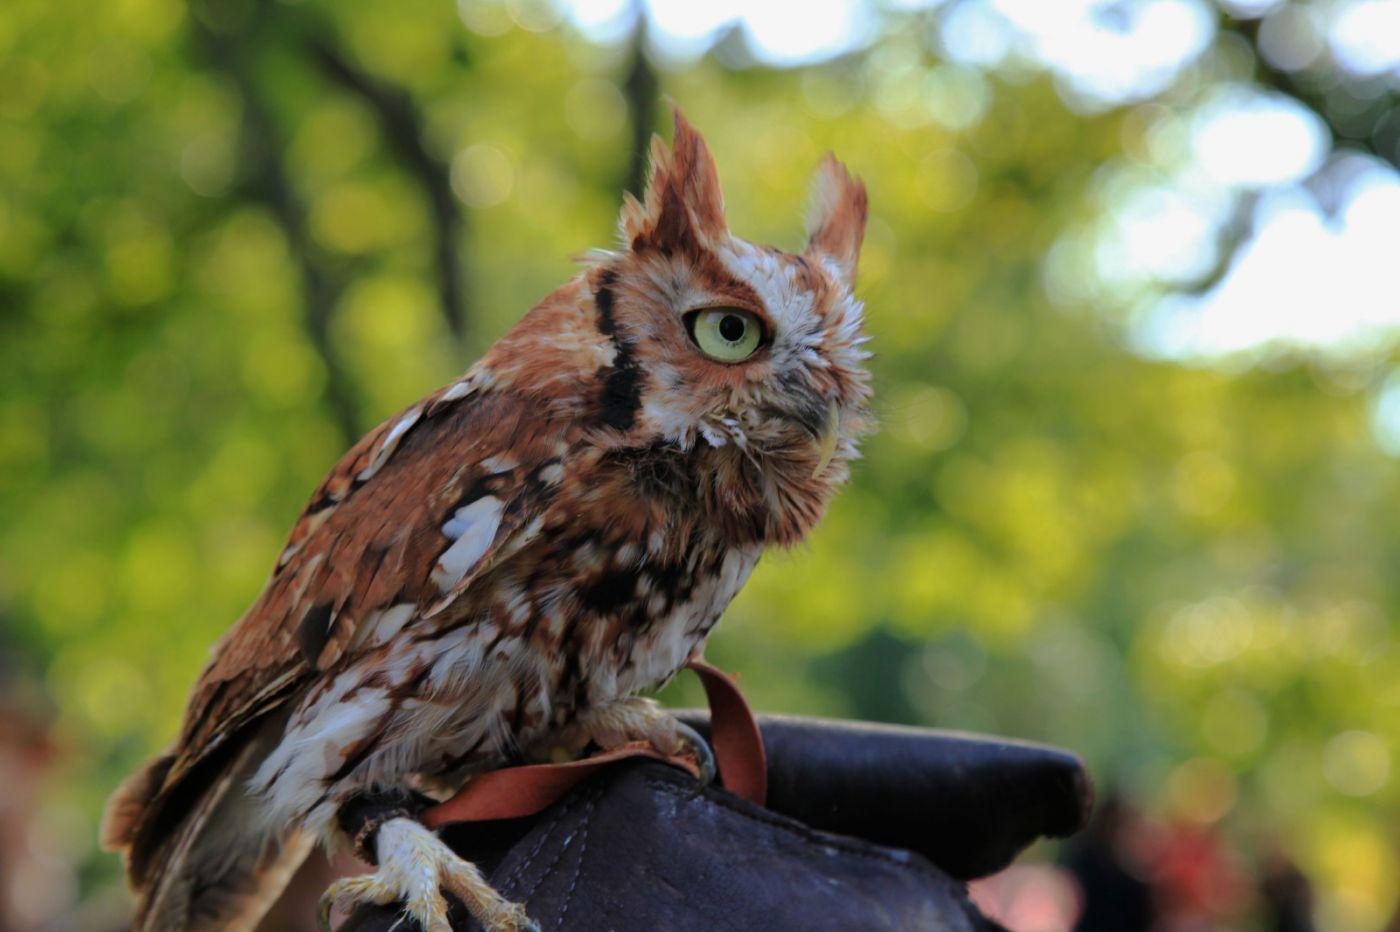 一年一度的崔恩堡公园中世纪节热闹非凡_图1-38